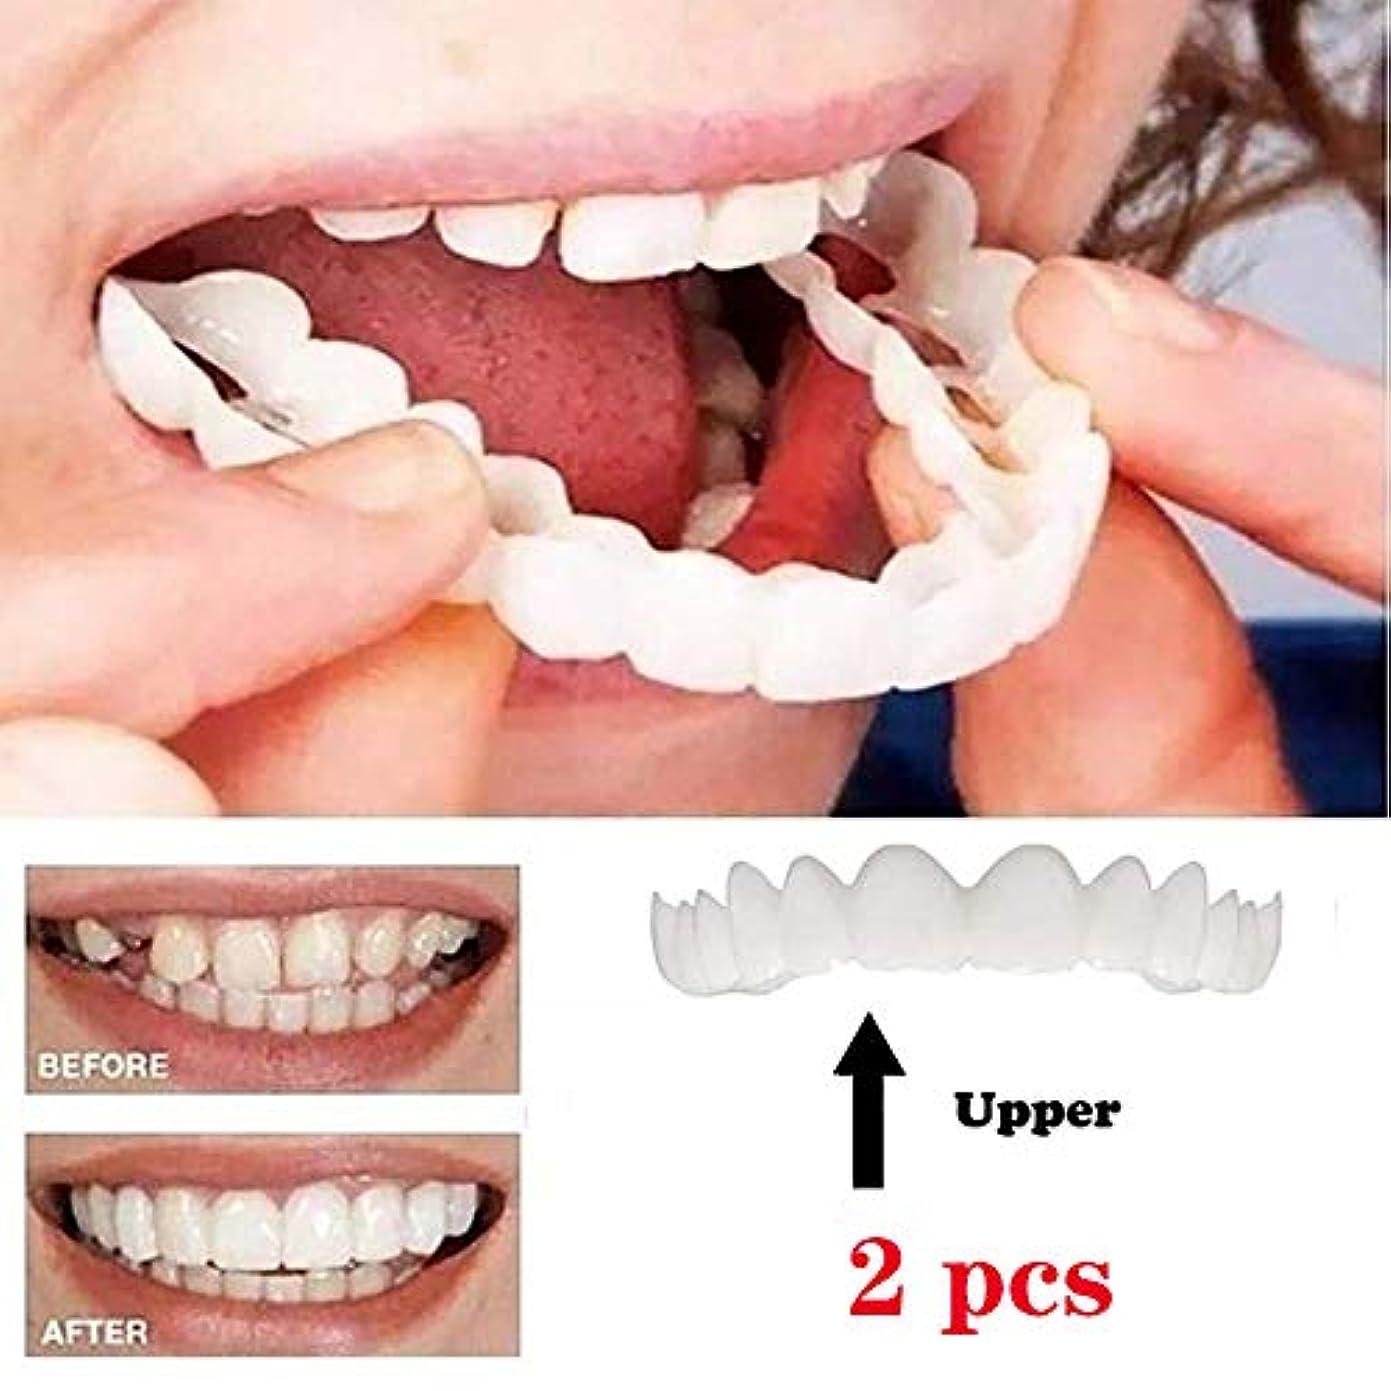 心からポーズ補う2個シリコーン偽の歯アッパー偽歯カバーホワイトニング義歯デンタルオーラルケア歯をホワイトニングデンタルプラスチックホワイトニング義歯ワンサイズフィットすべて